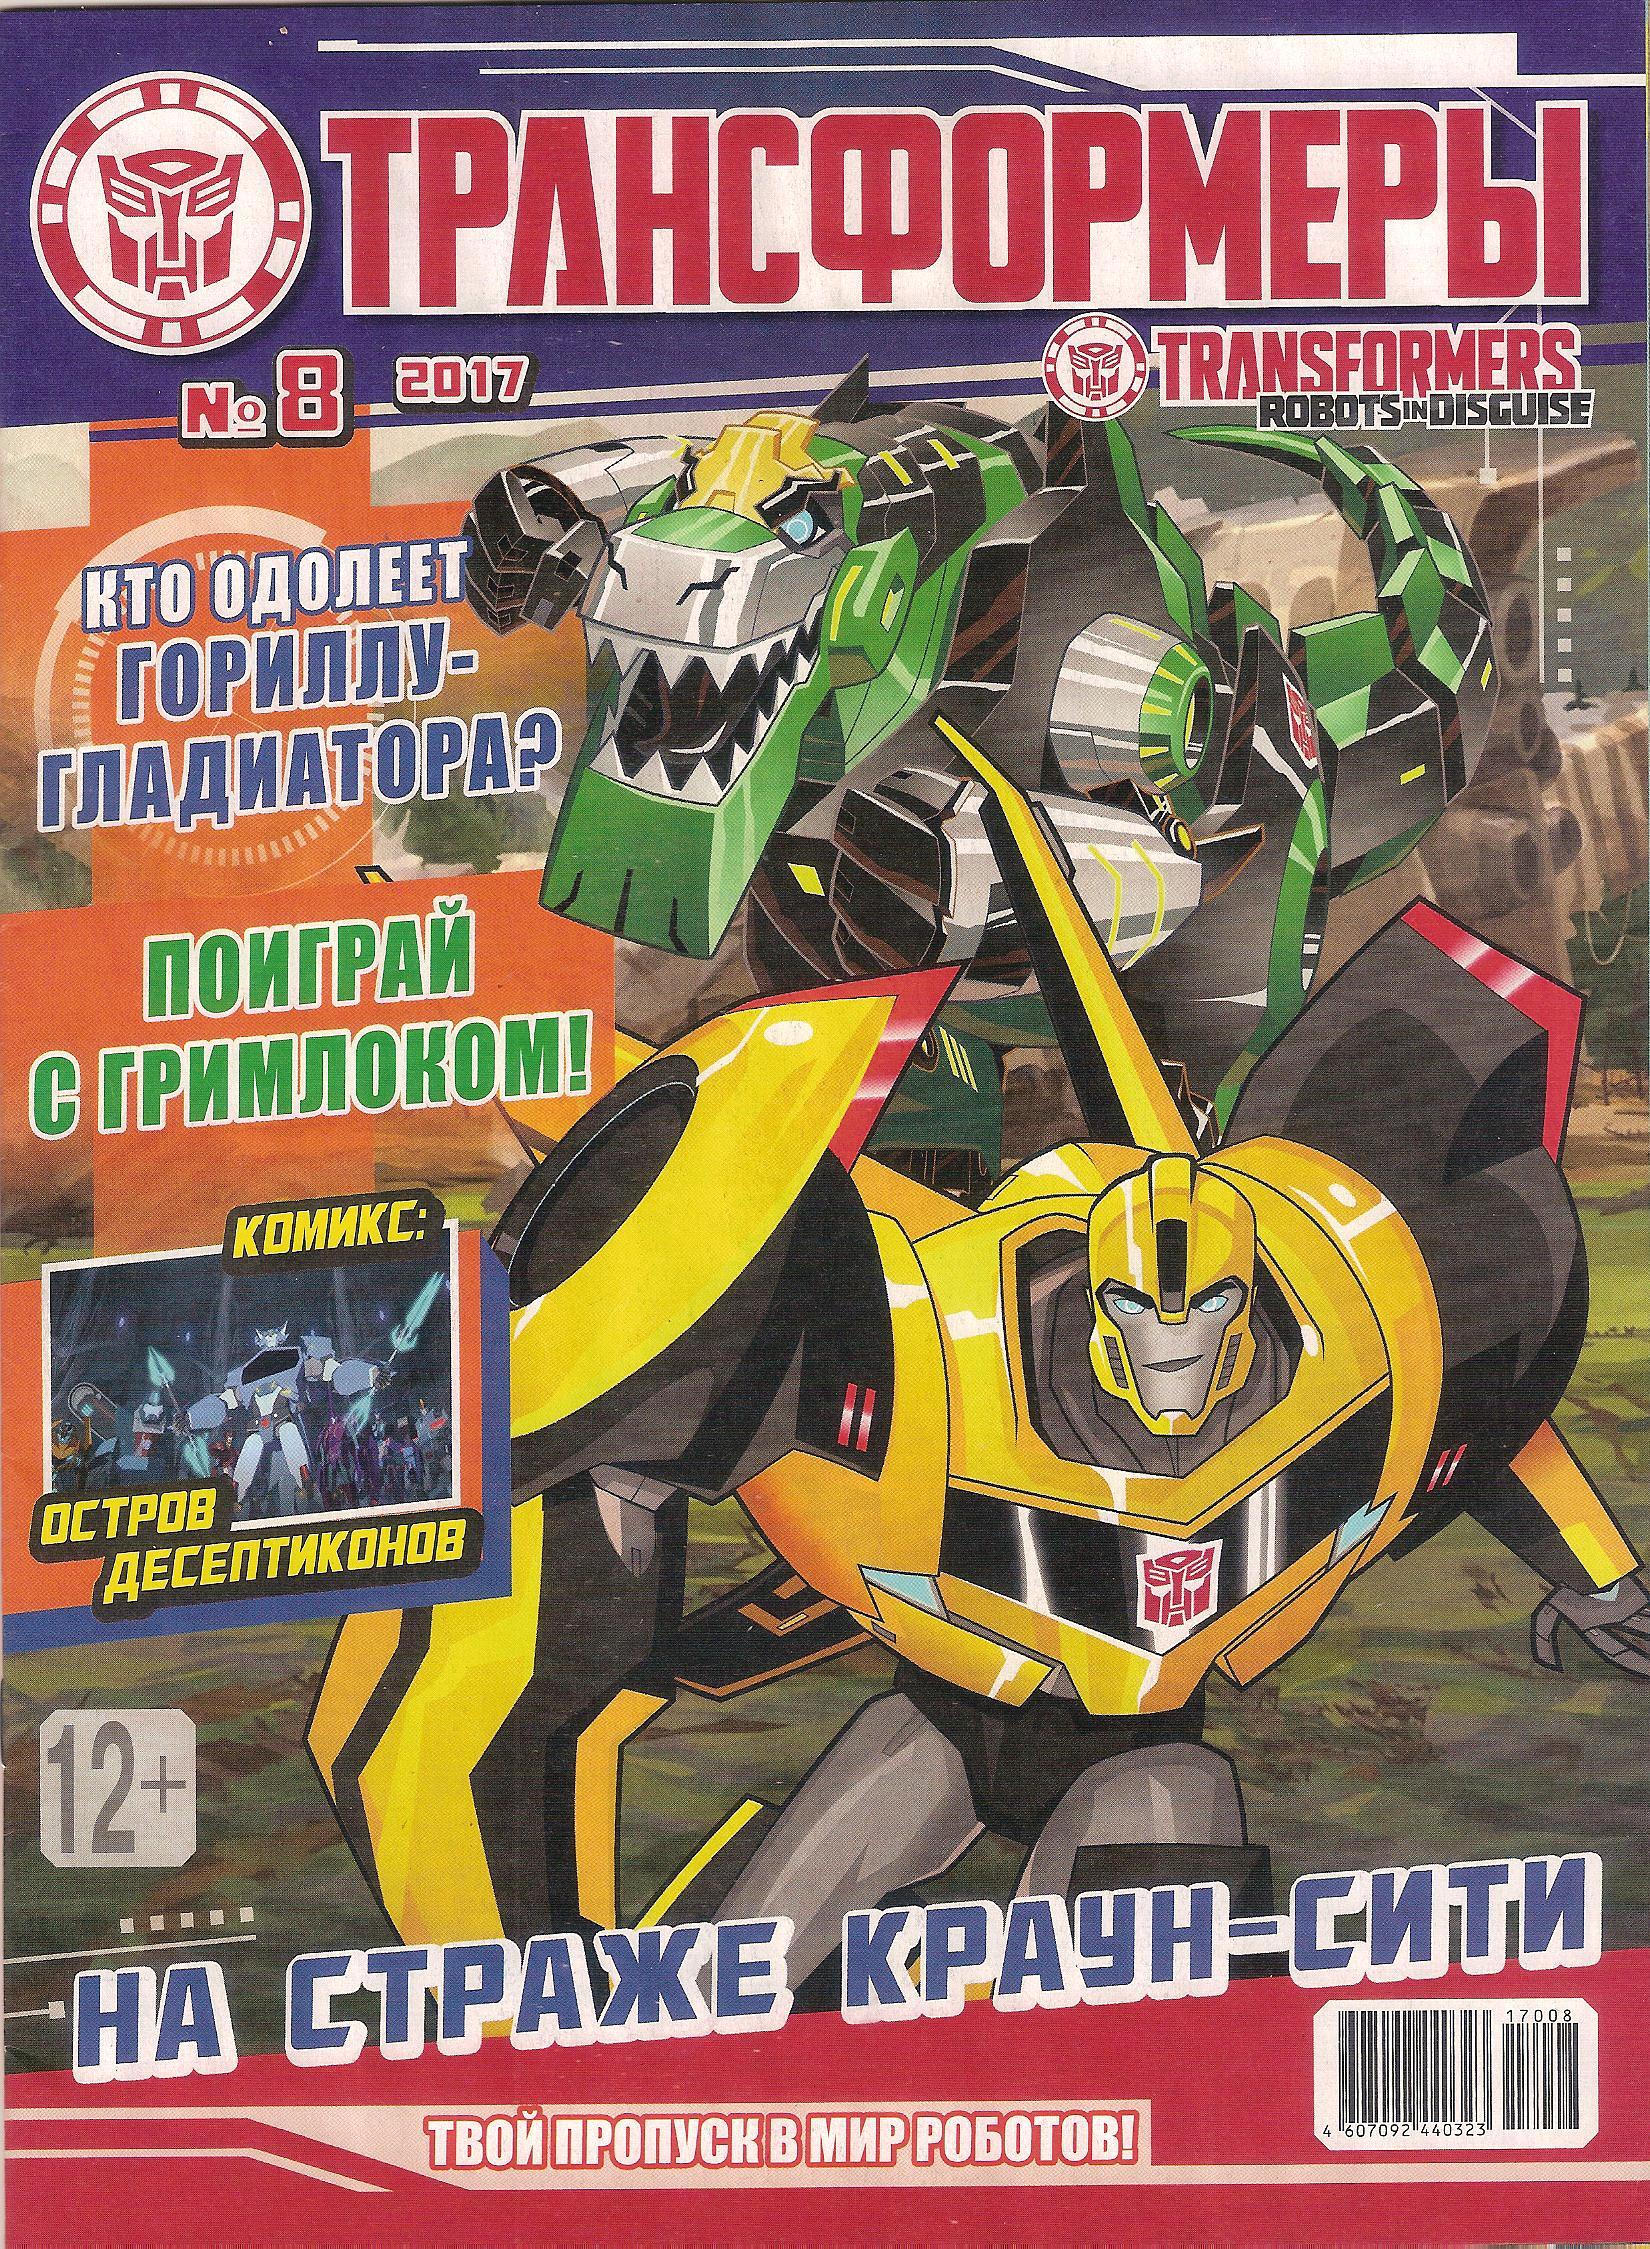 трансформеры 08 2017 эгмонт Transformers вики Fandom